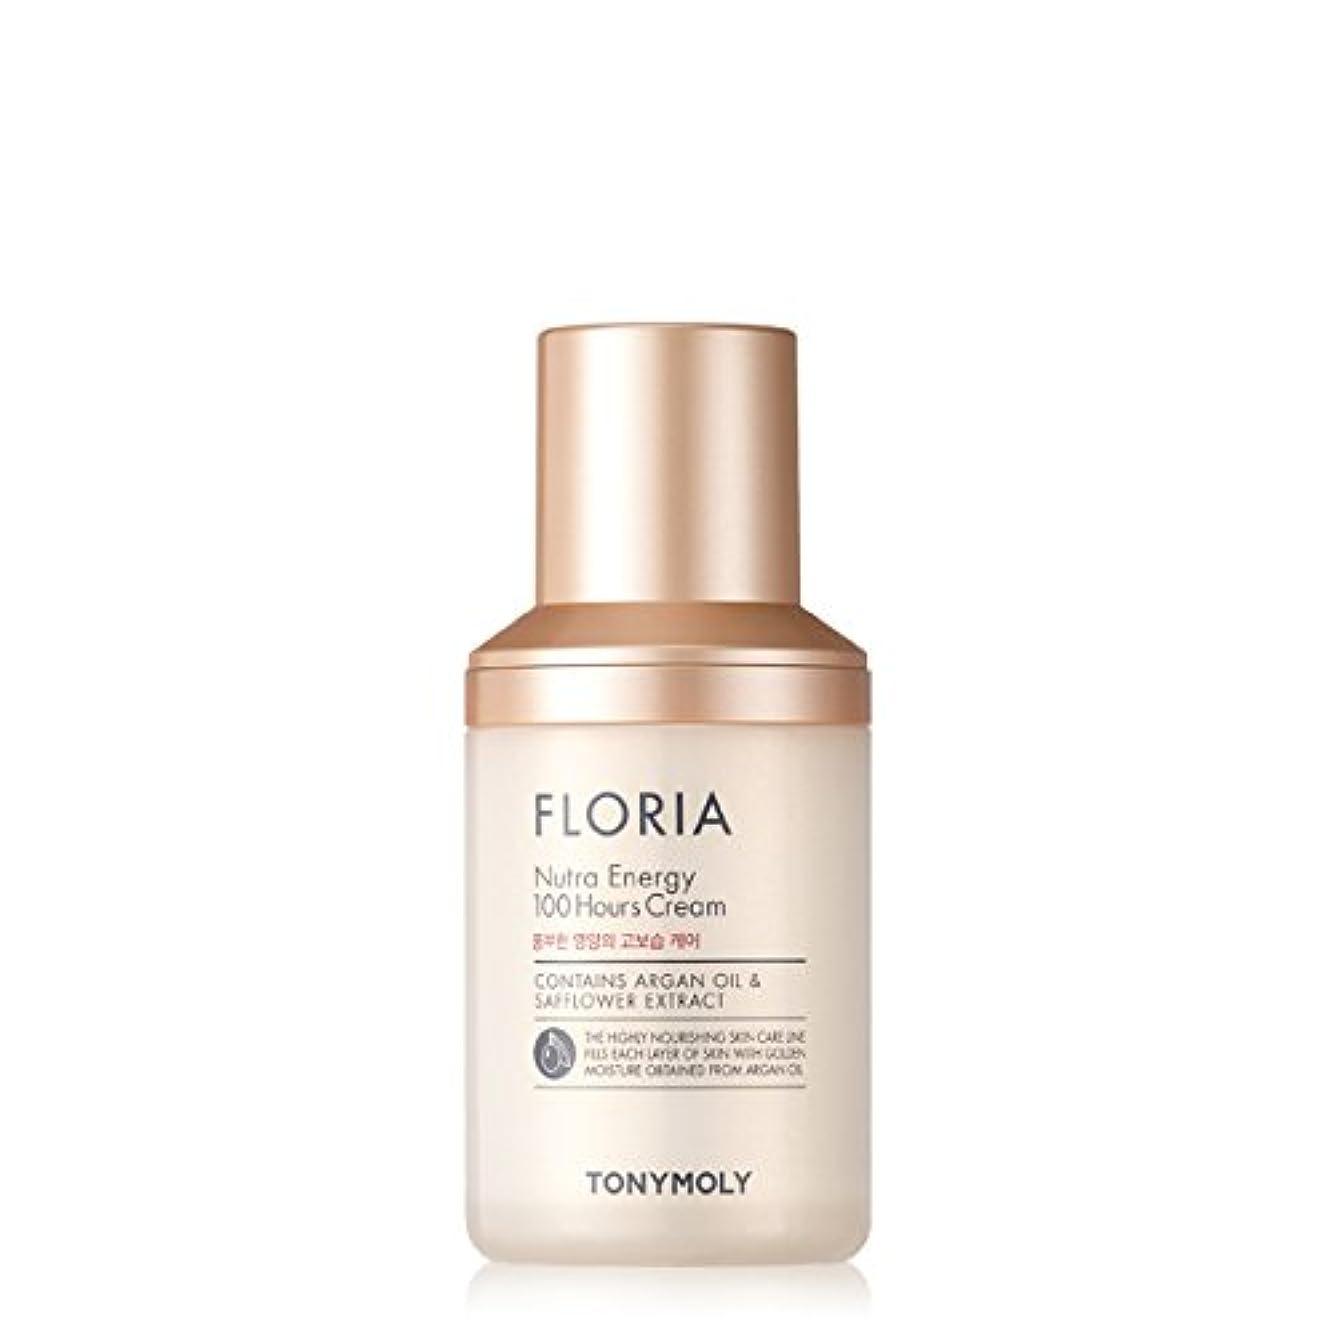 毎日スペル朝ごはん[NEW] TONY MOLY Floria Nutra energy 100 hours Cream 50ml トニーモリー フローリア ニュートラ エナジー 100時間 クリーム 50ml [並行輸入品]